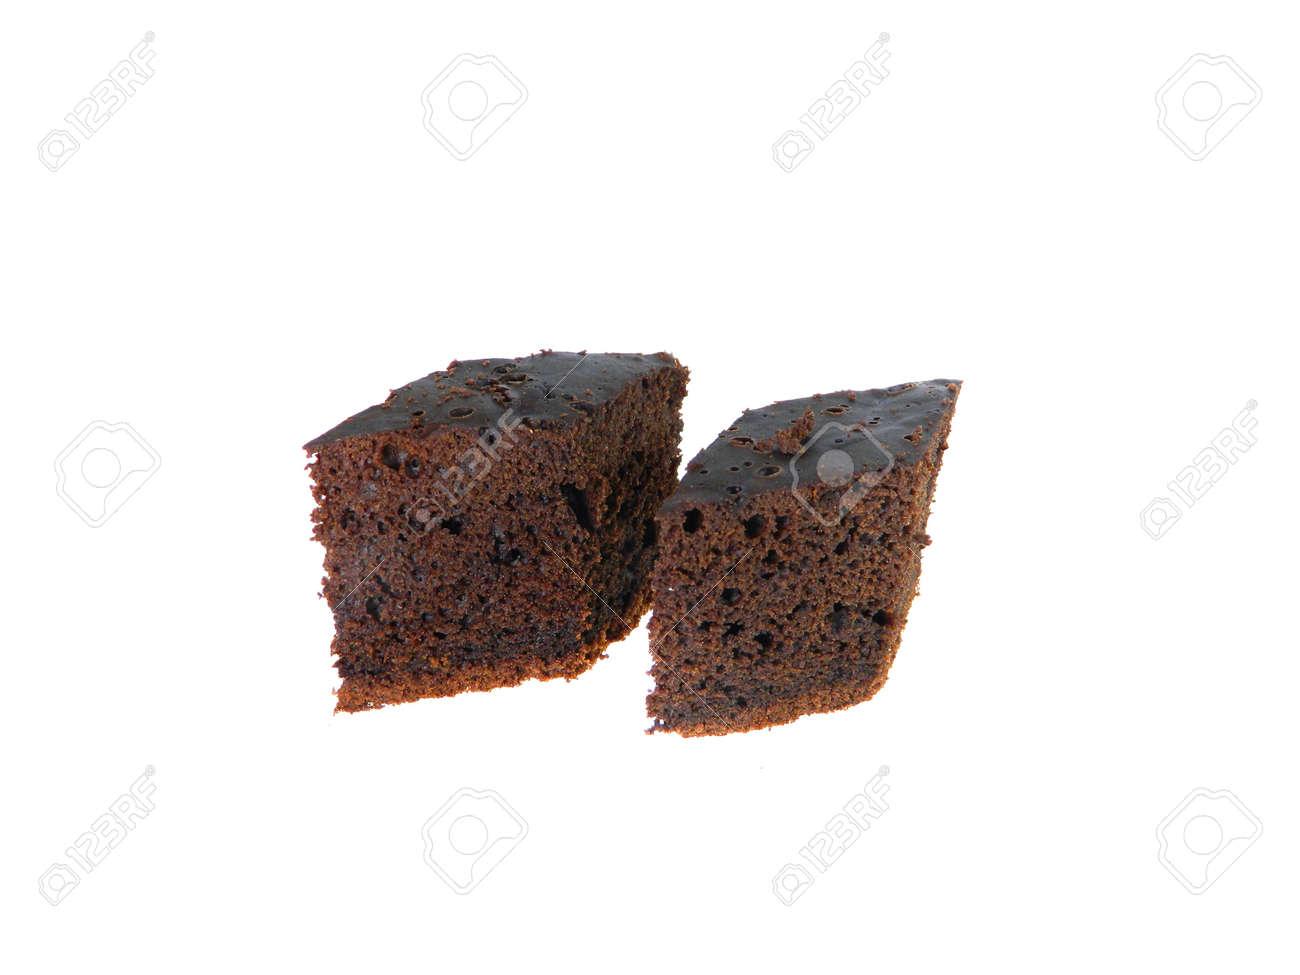 chocolate cake isolated on white background - 171791011